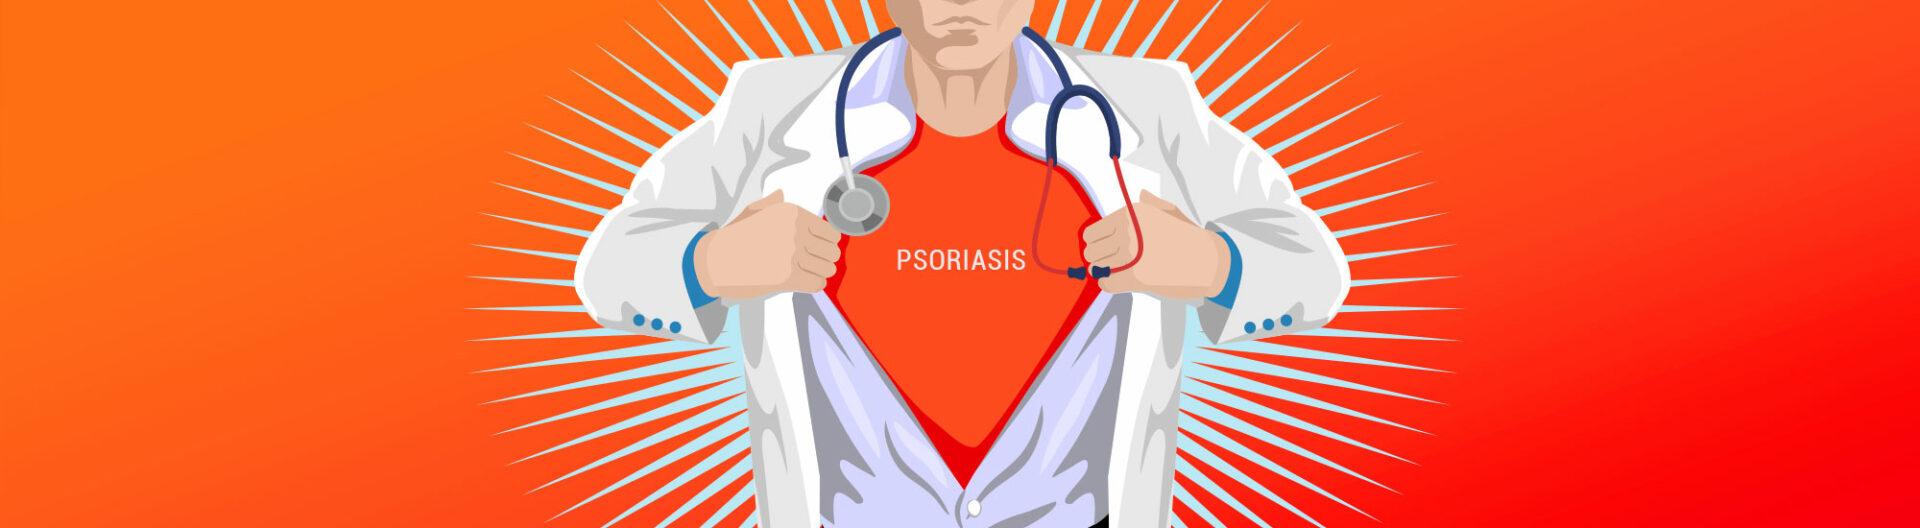 Psoriasis-Contact, trouvez un spécialiste près de chez vous !